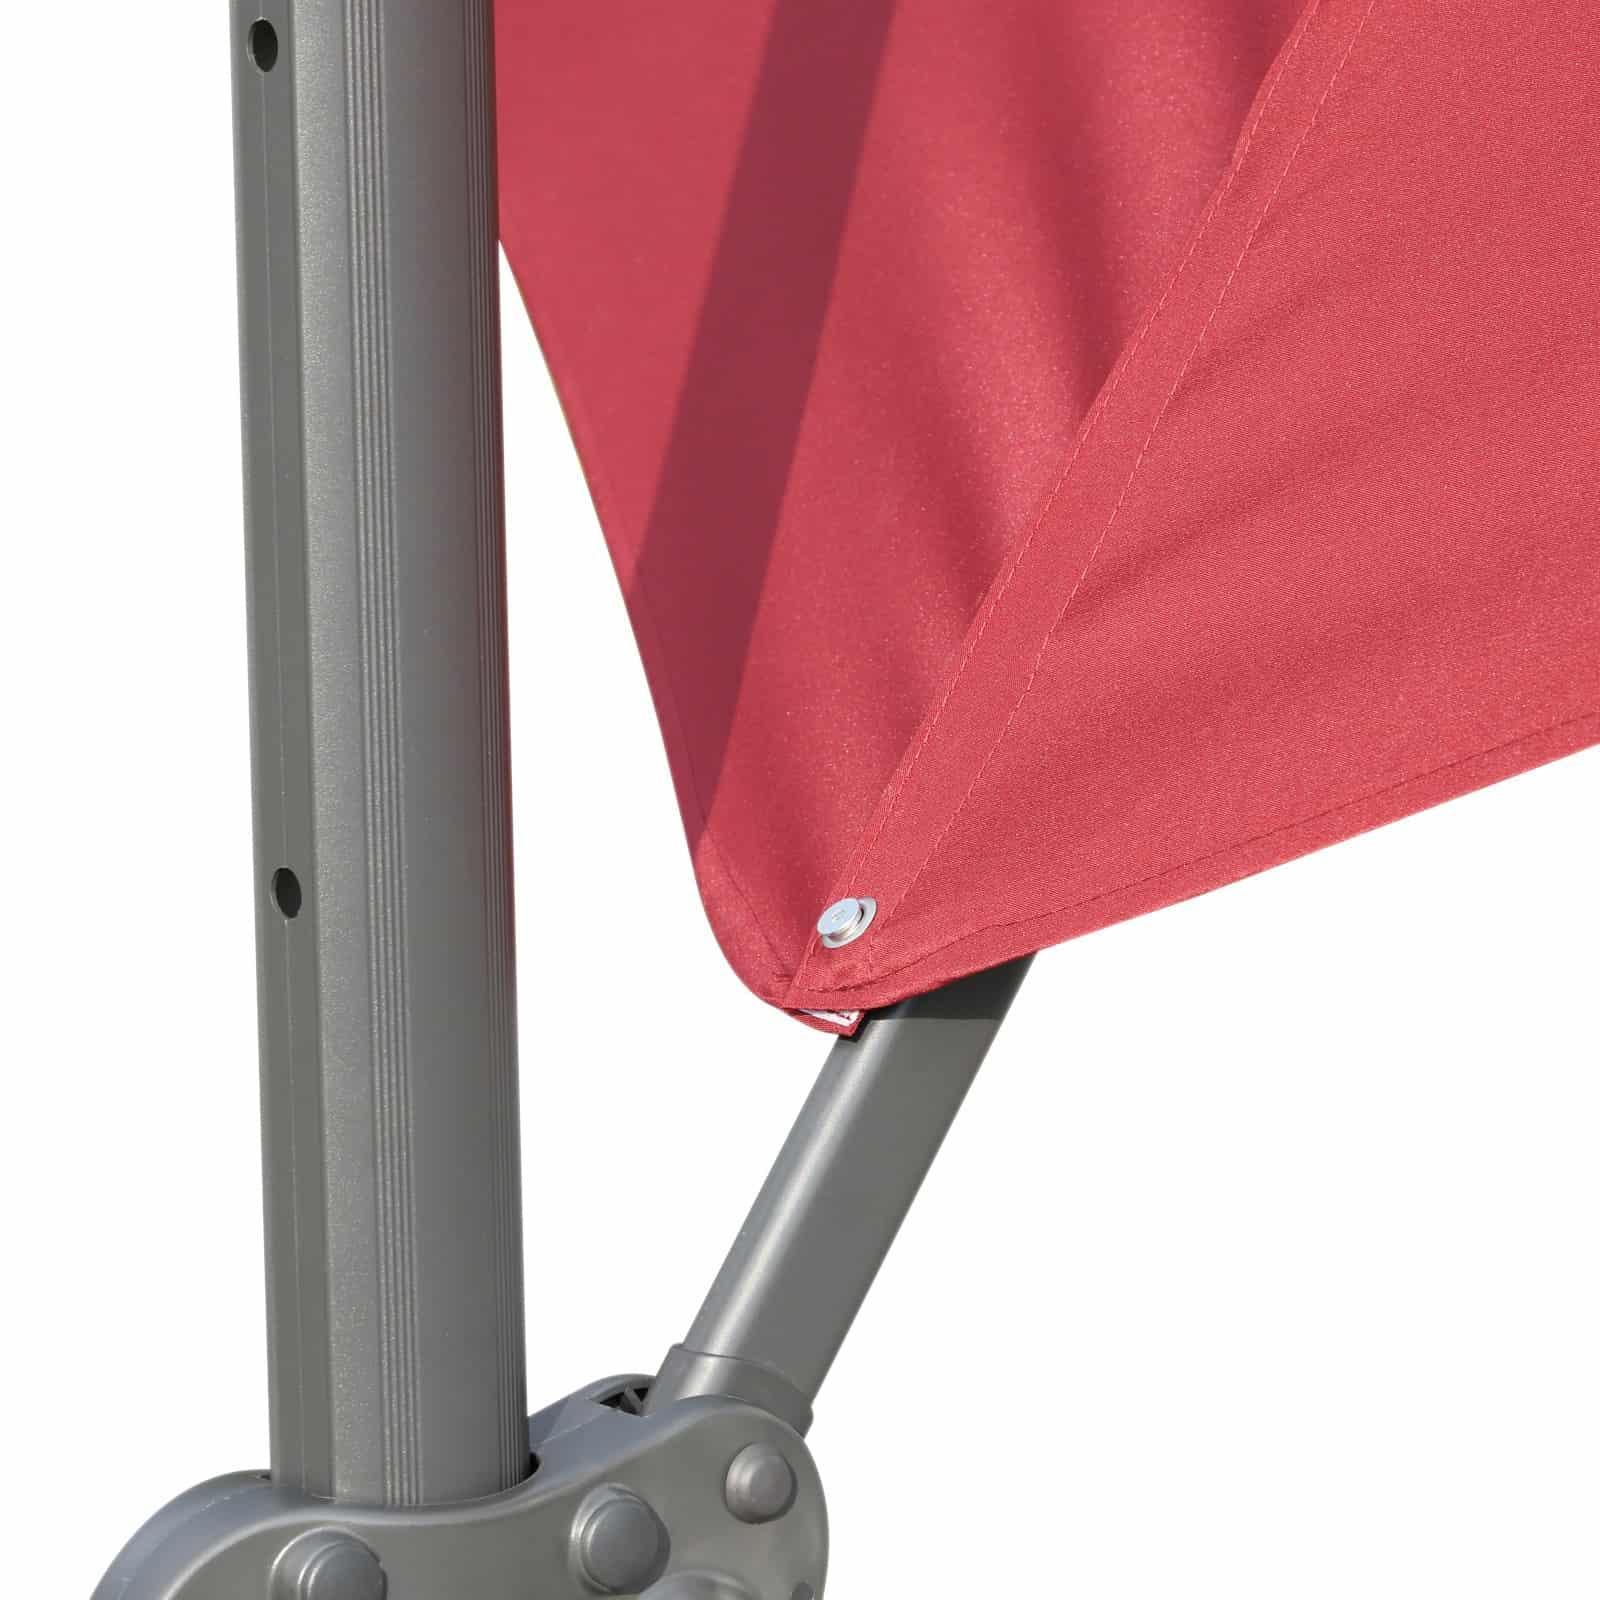 parte de un parasol excéntrico